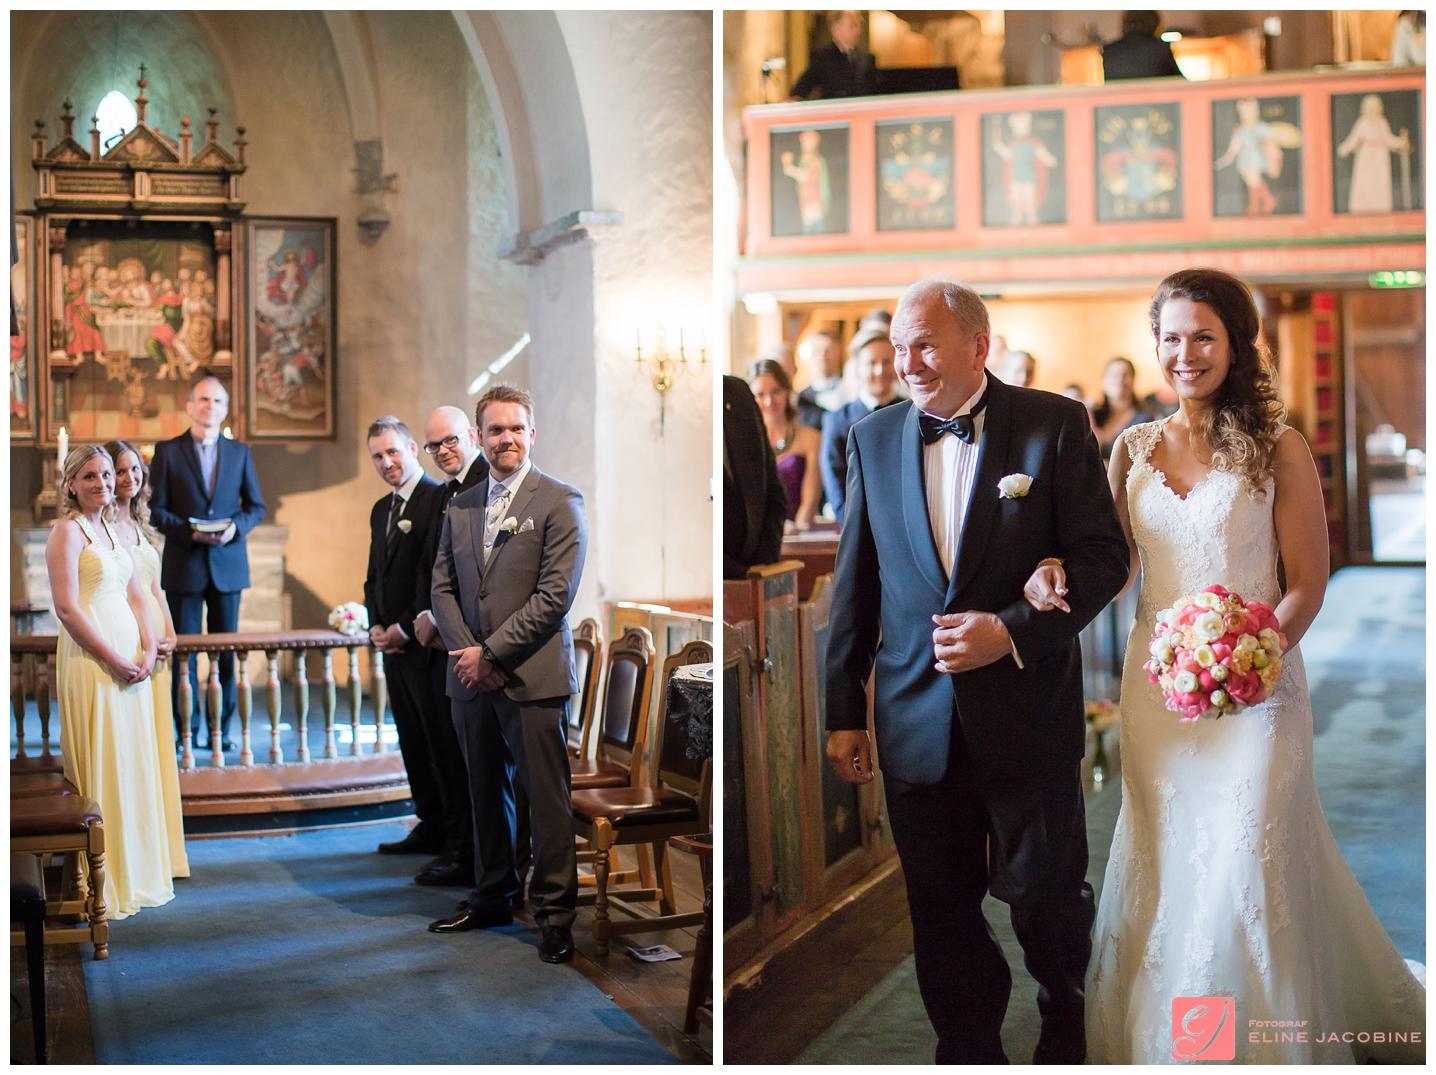 Fotograf-Eline-Jacobine-Bryllupsfotografering-Strand-Hotell-Fevik-Marte-og-Magnus_0018